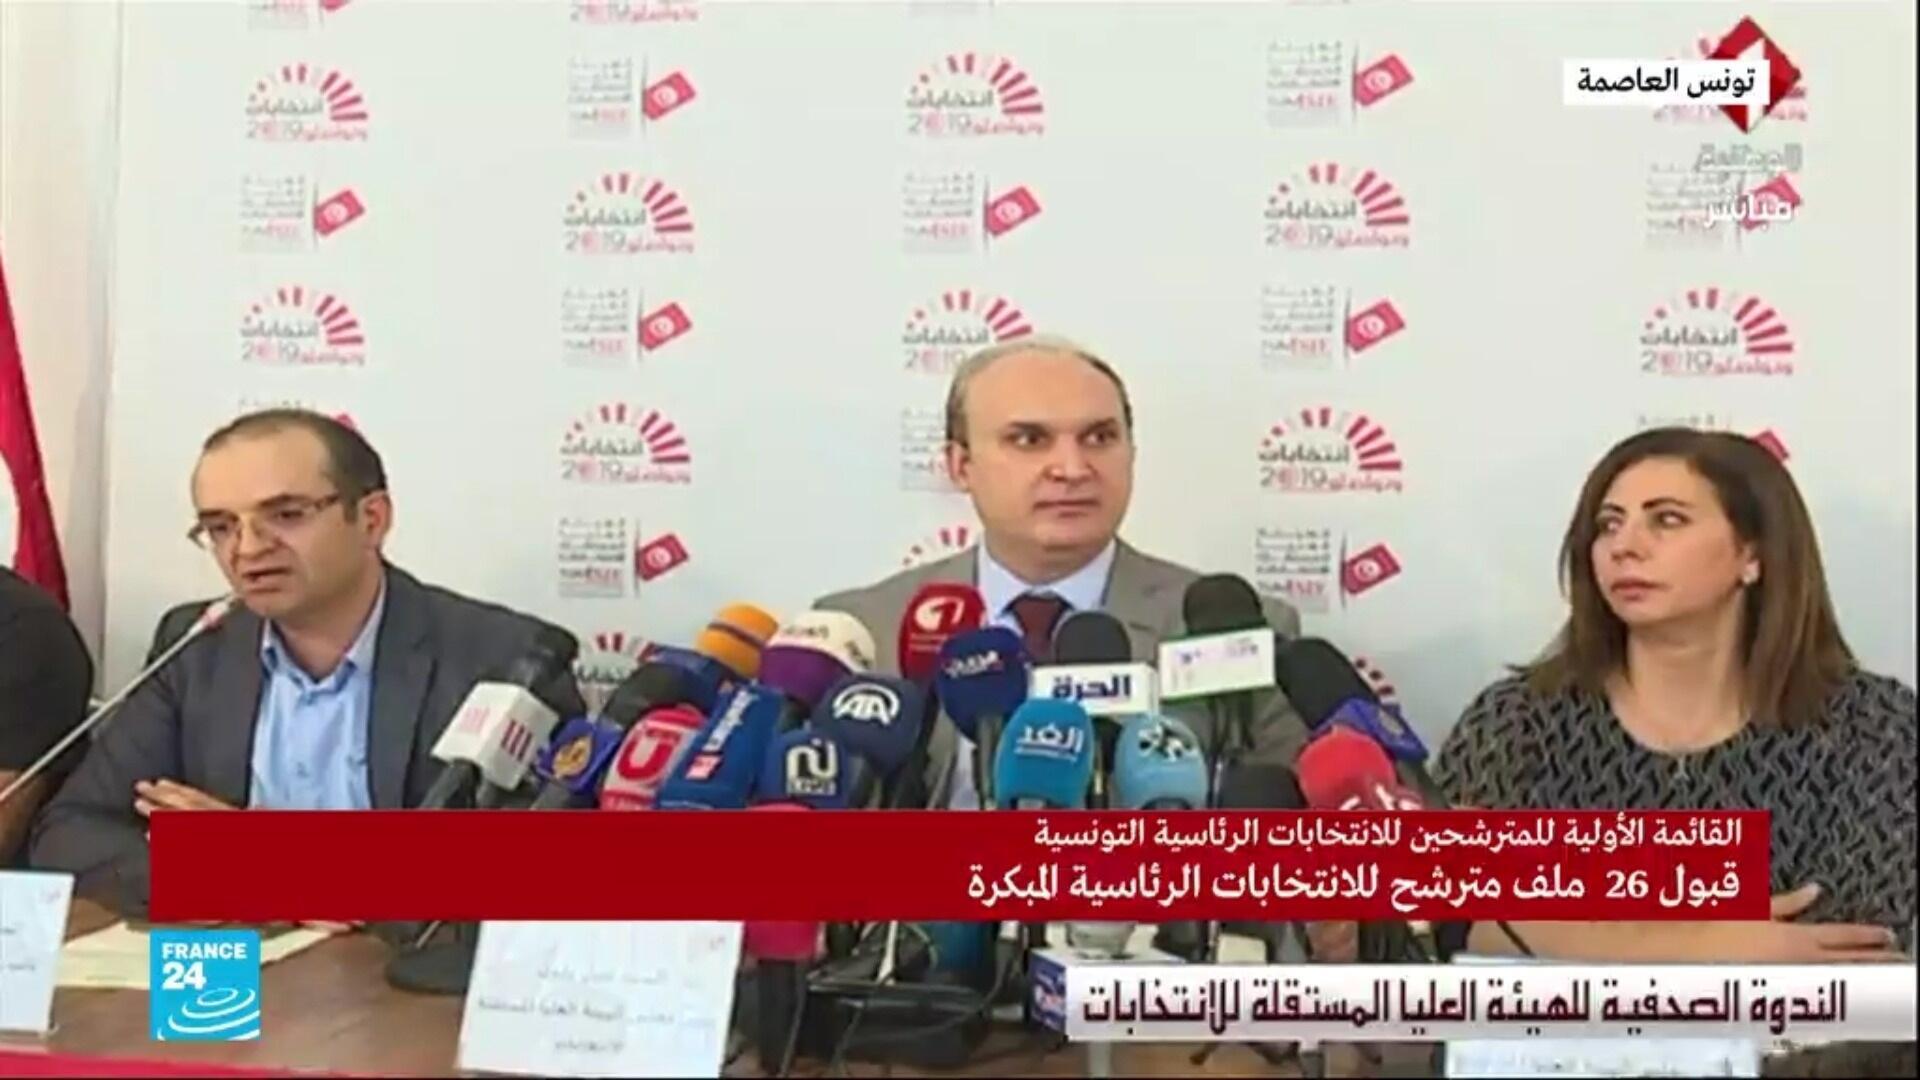 رئيس الهيئة العليا المستقلة للانتخابات في تونس نبيل بفون يعلن القائمة الأولية لمرشحي الانتخابات الرئاسية